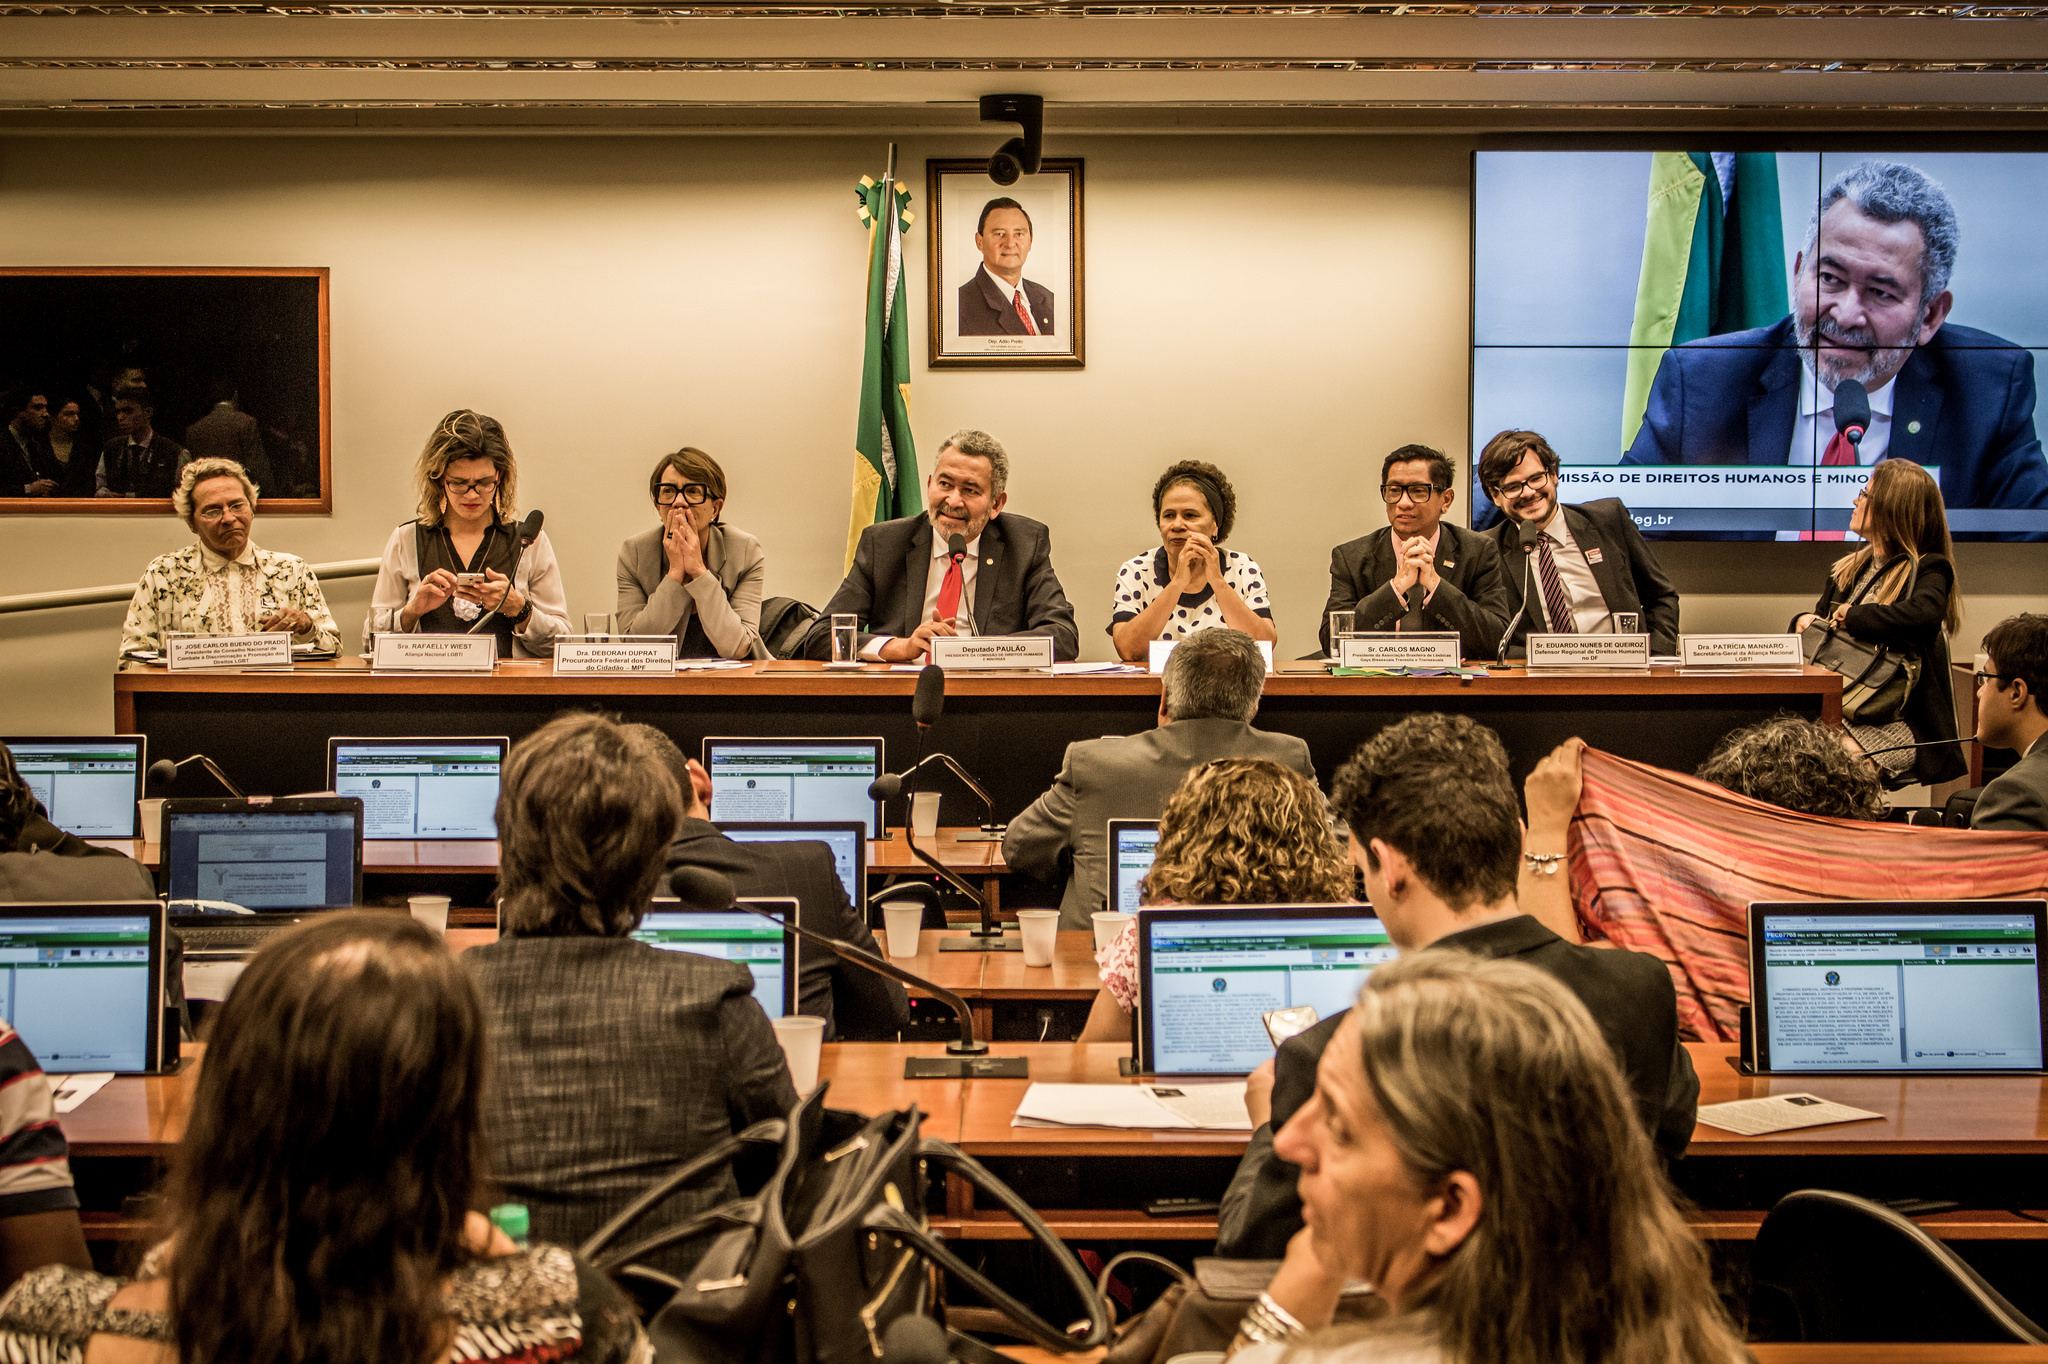 Mesa da Audiência Pública contra os crimes de ódio à comunidade LGBT, da Comissão de Direitos Humanos e Minorias, realizada em 17/05/2017